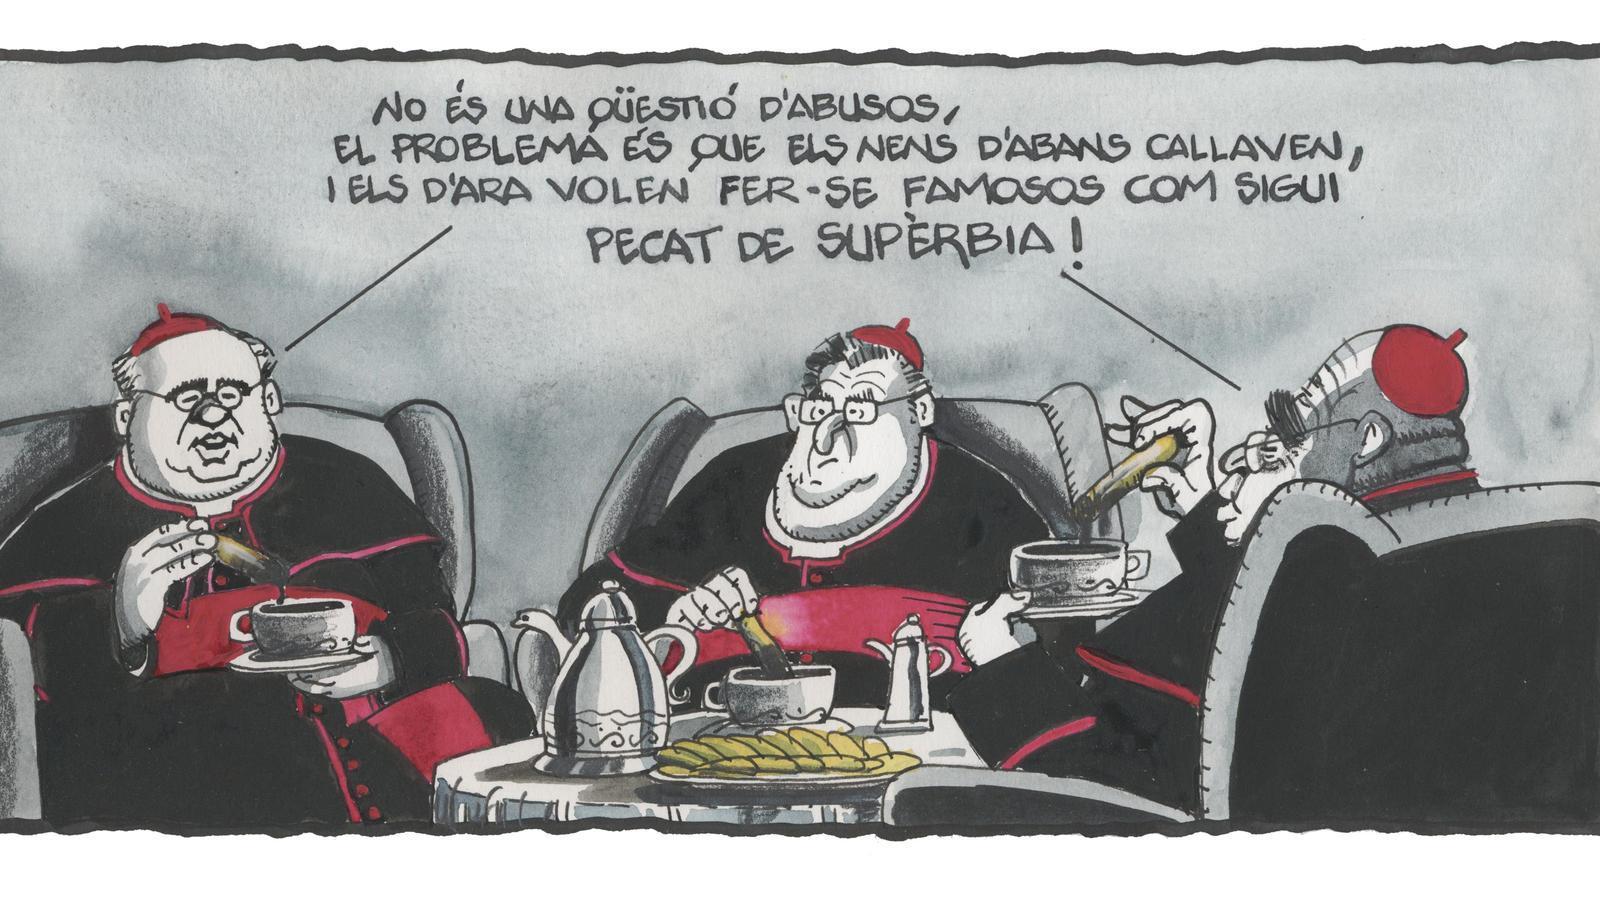 'A la contra', per Ferreres (23/09/2019)